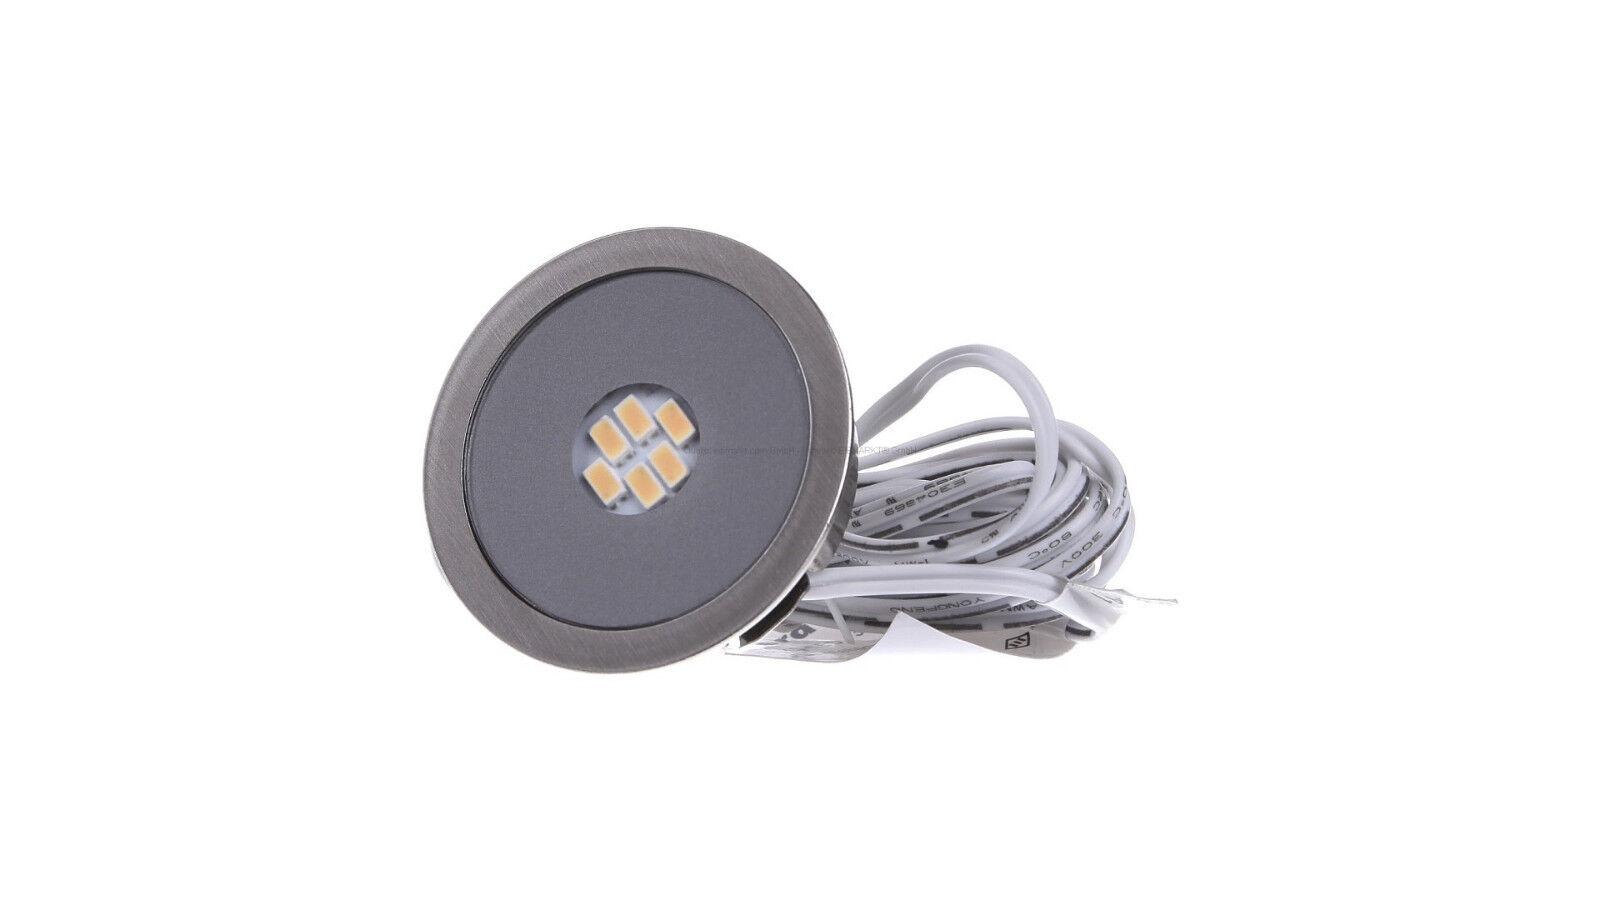 12W LED Einbaustrahler Einbauleuchte Warmweiss /<-/> Kaltweiß DIMMBAR 8238W